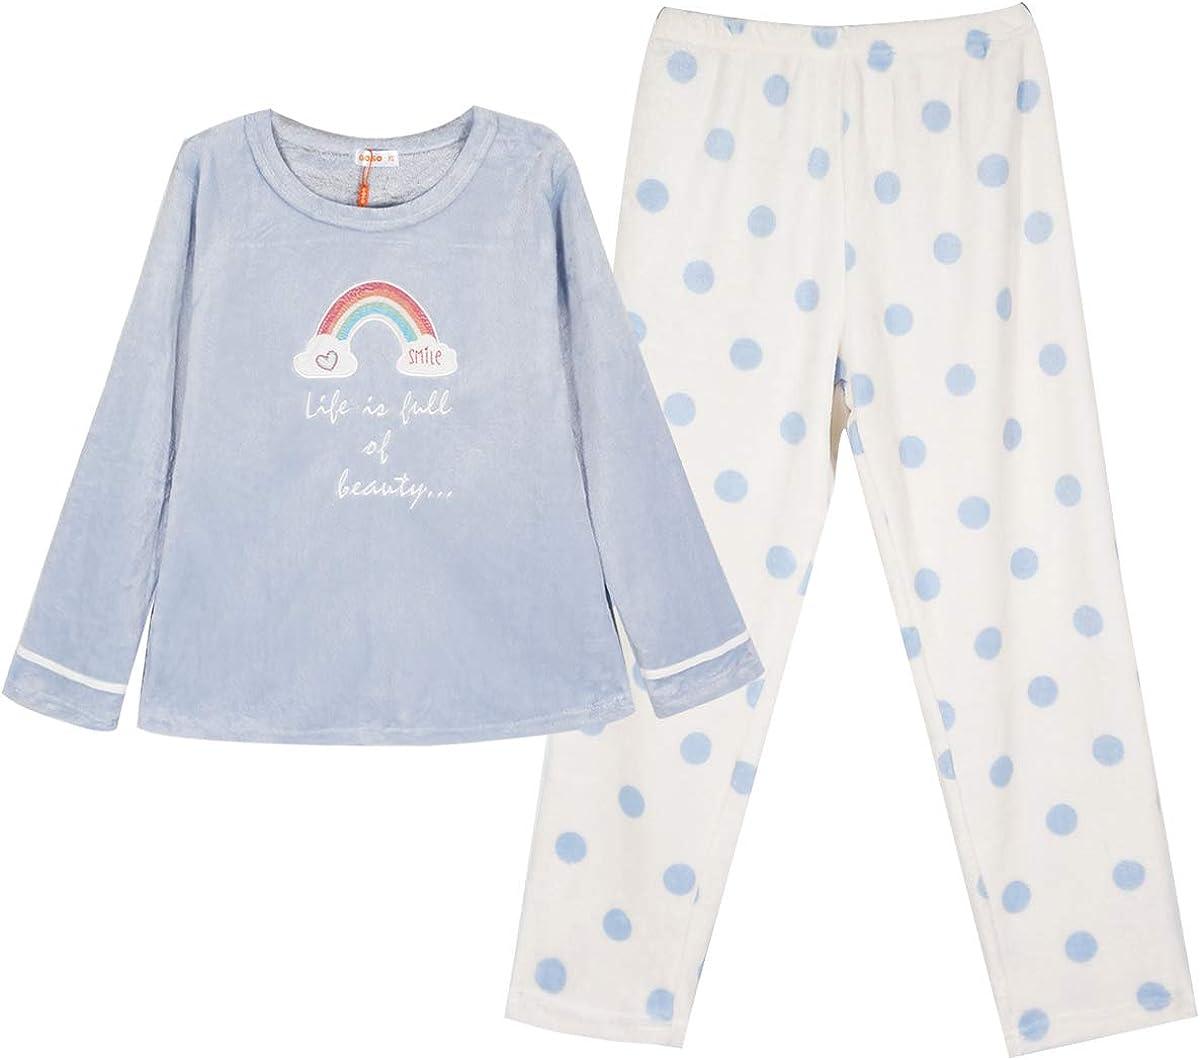 Pigiama e Pantaloni Lunghi per Adolescenti e Ragazze Pigiama da Bambina in Pile Caldo Invernale GOSO Pigiama da Bambina